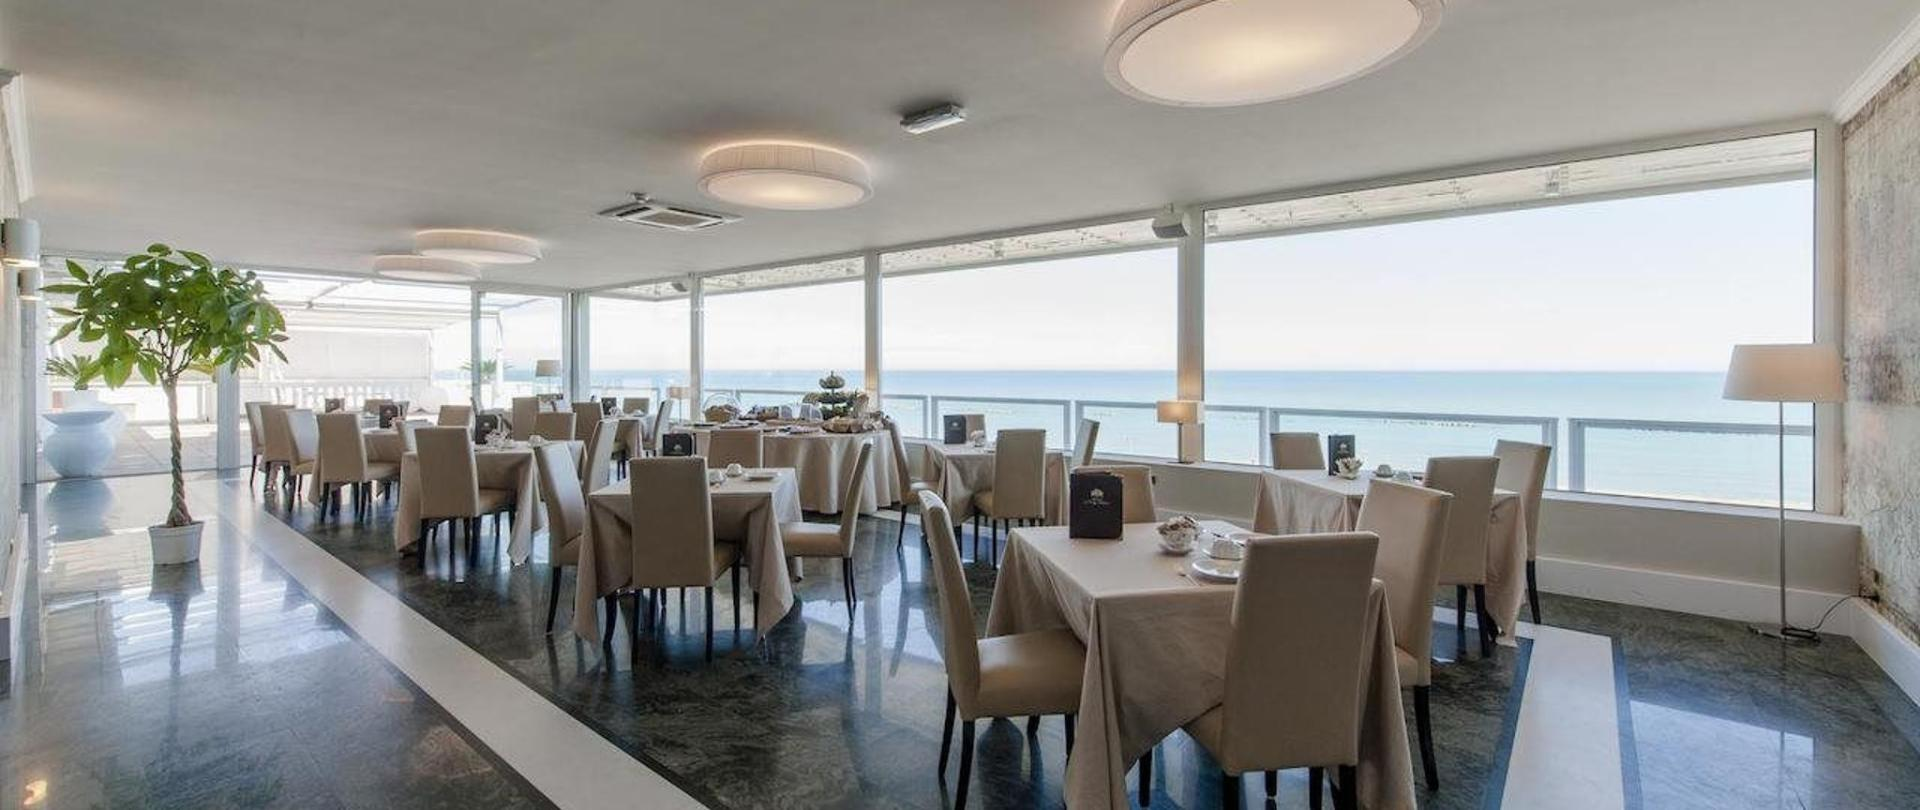 Pescara Strand hotel esplanade pescara italy